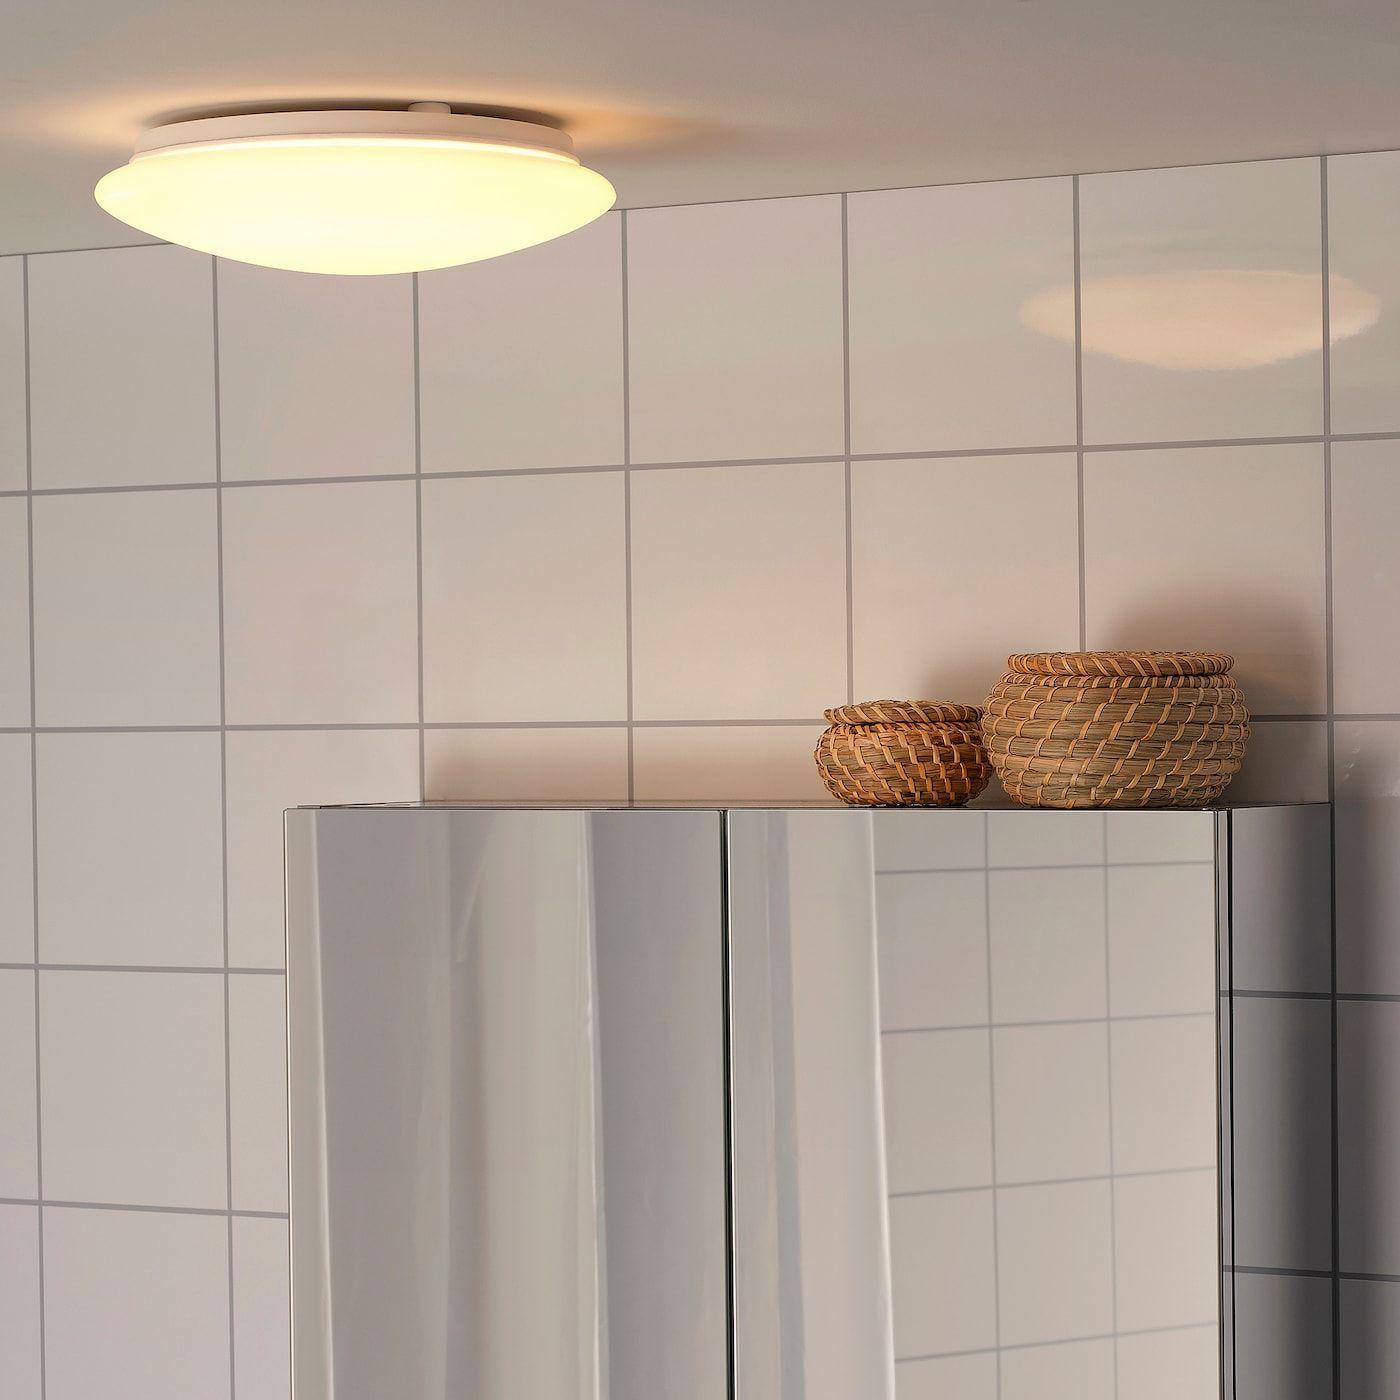 Sjogang Plafonnier Applique Blanc 25 Cm Ikea Blanc Deckenlampe Ikea Plafonnierapplique Sjogang In 2020 Wandlampe Led Wandleuchte